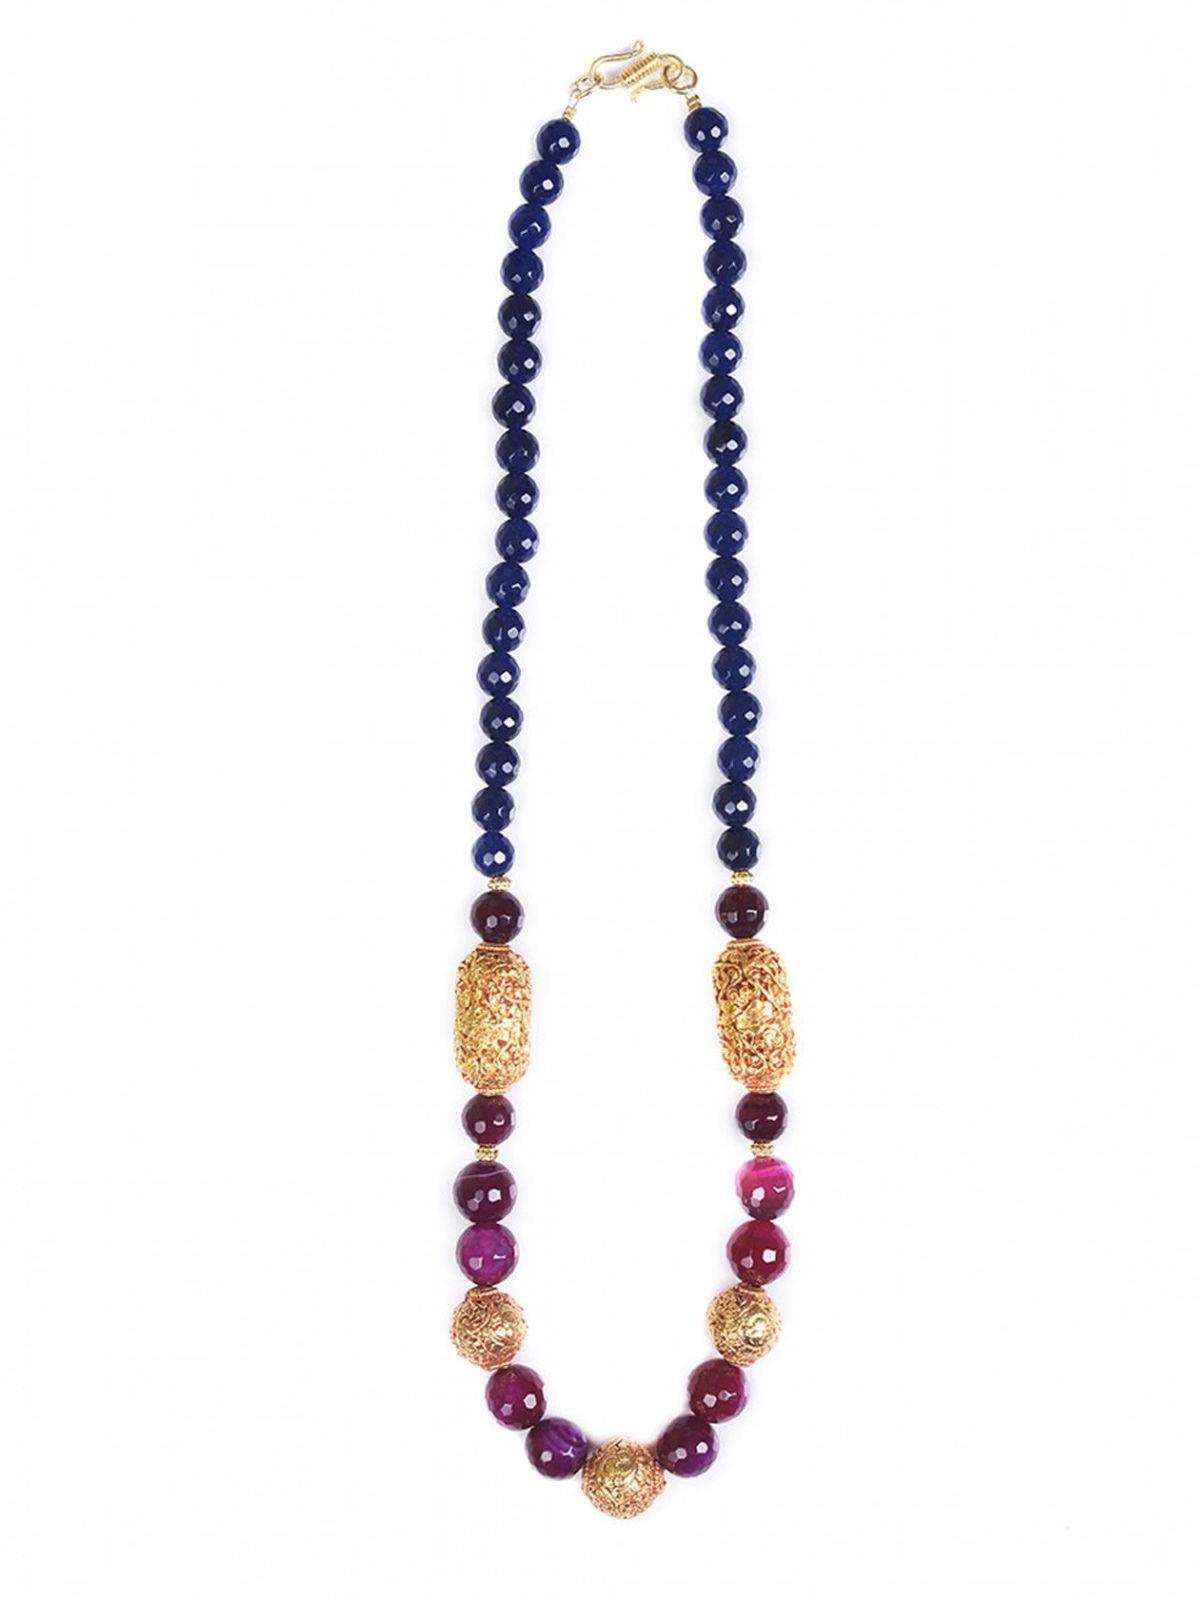 Aj Creations Burgandy-indigo necklace